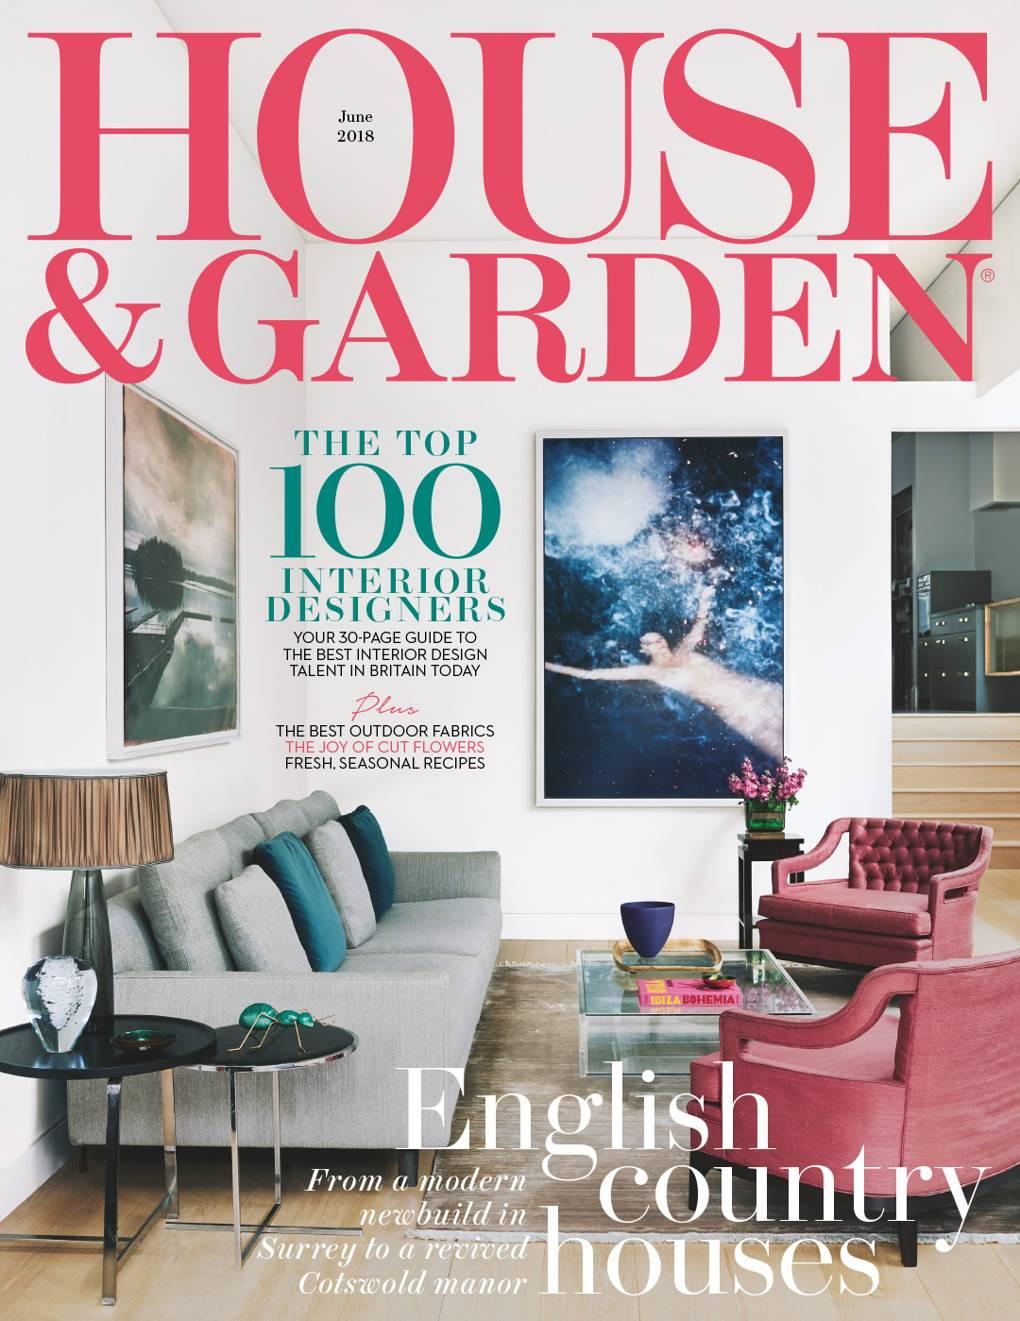 House U0026 Garden Magazine New Top 100 Interior Designers List June Issue | House  U0026 Garden